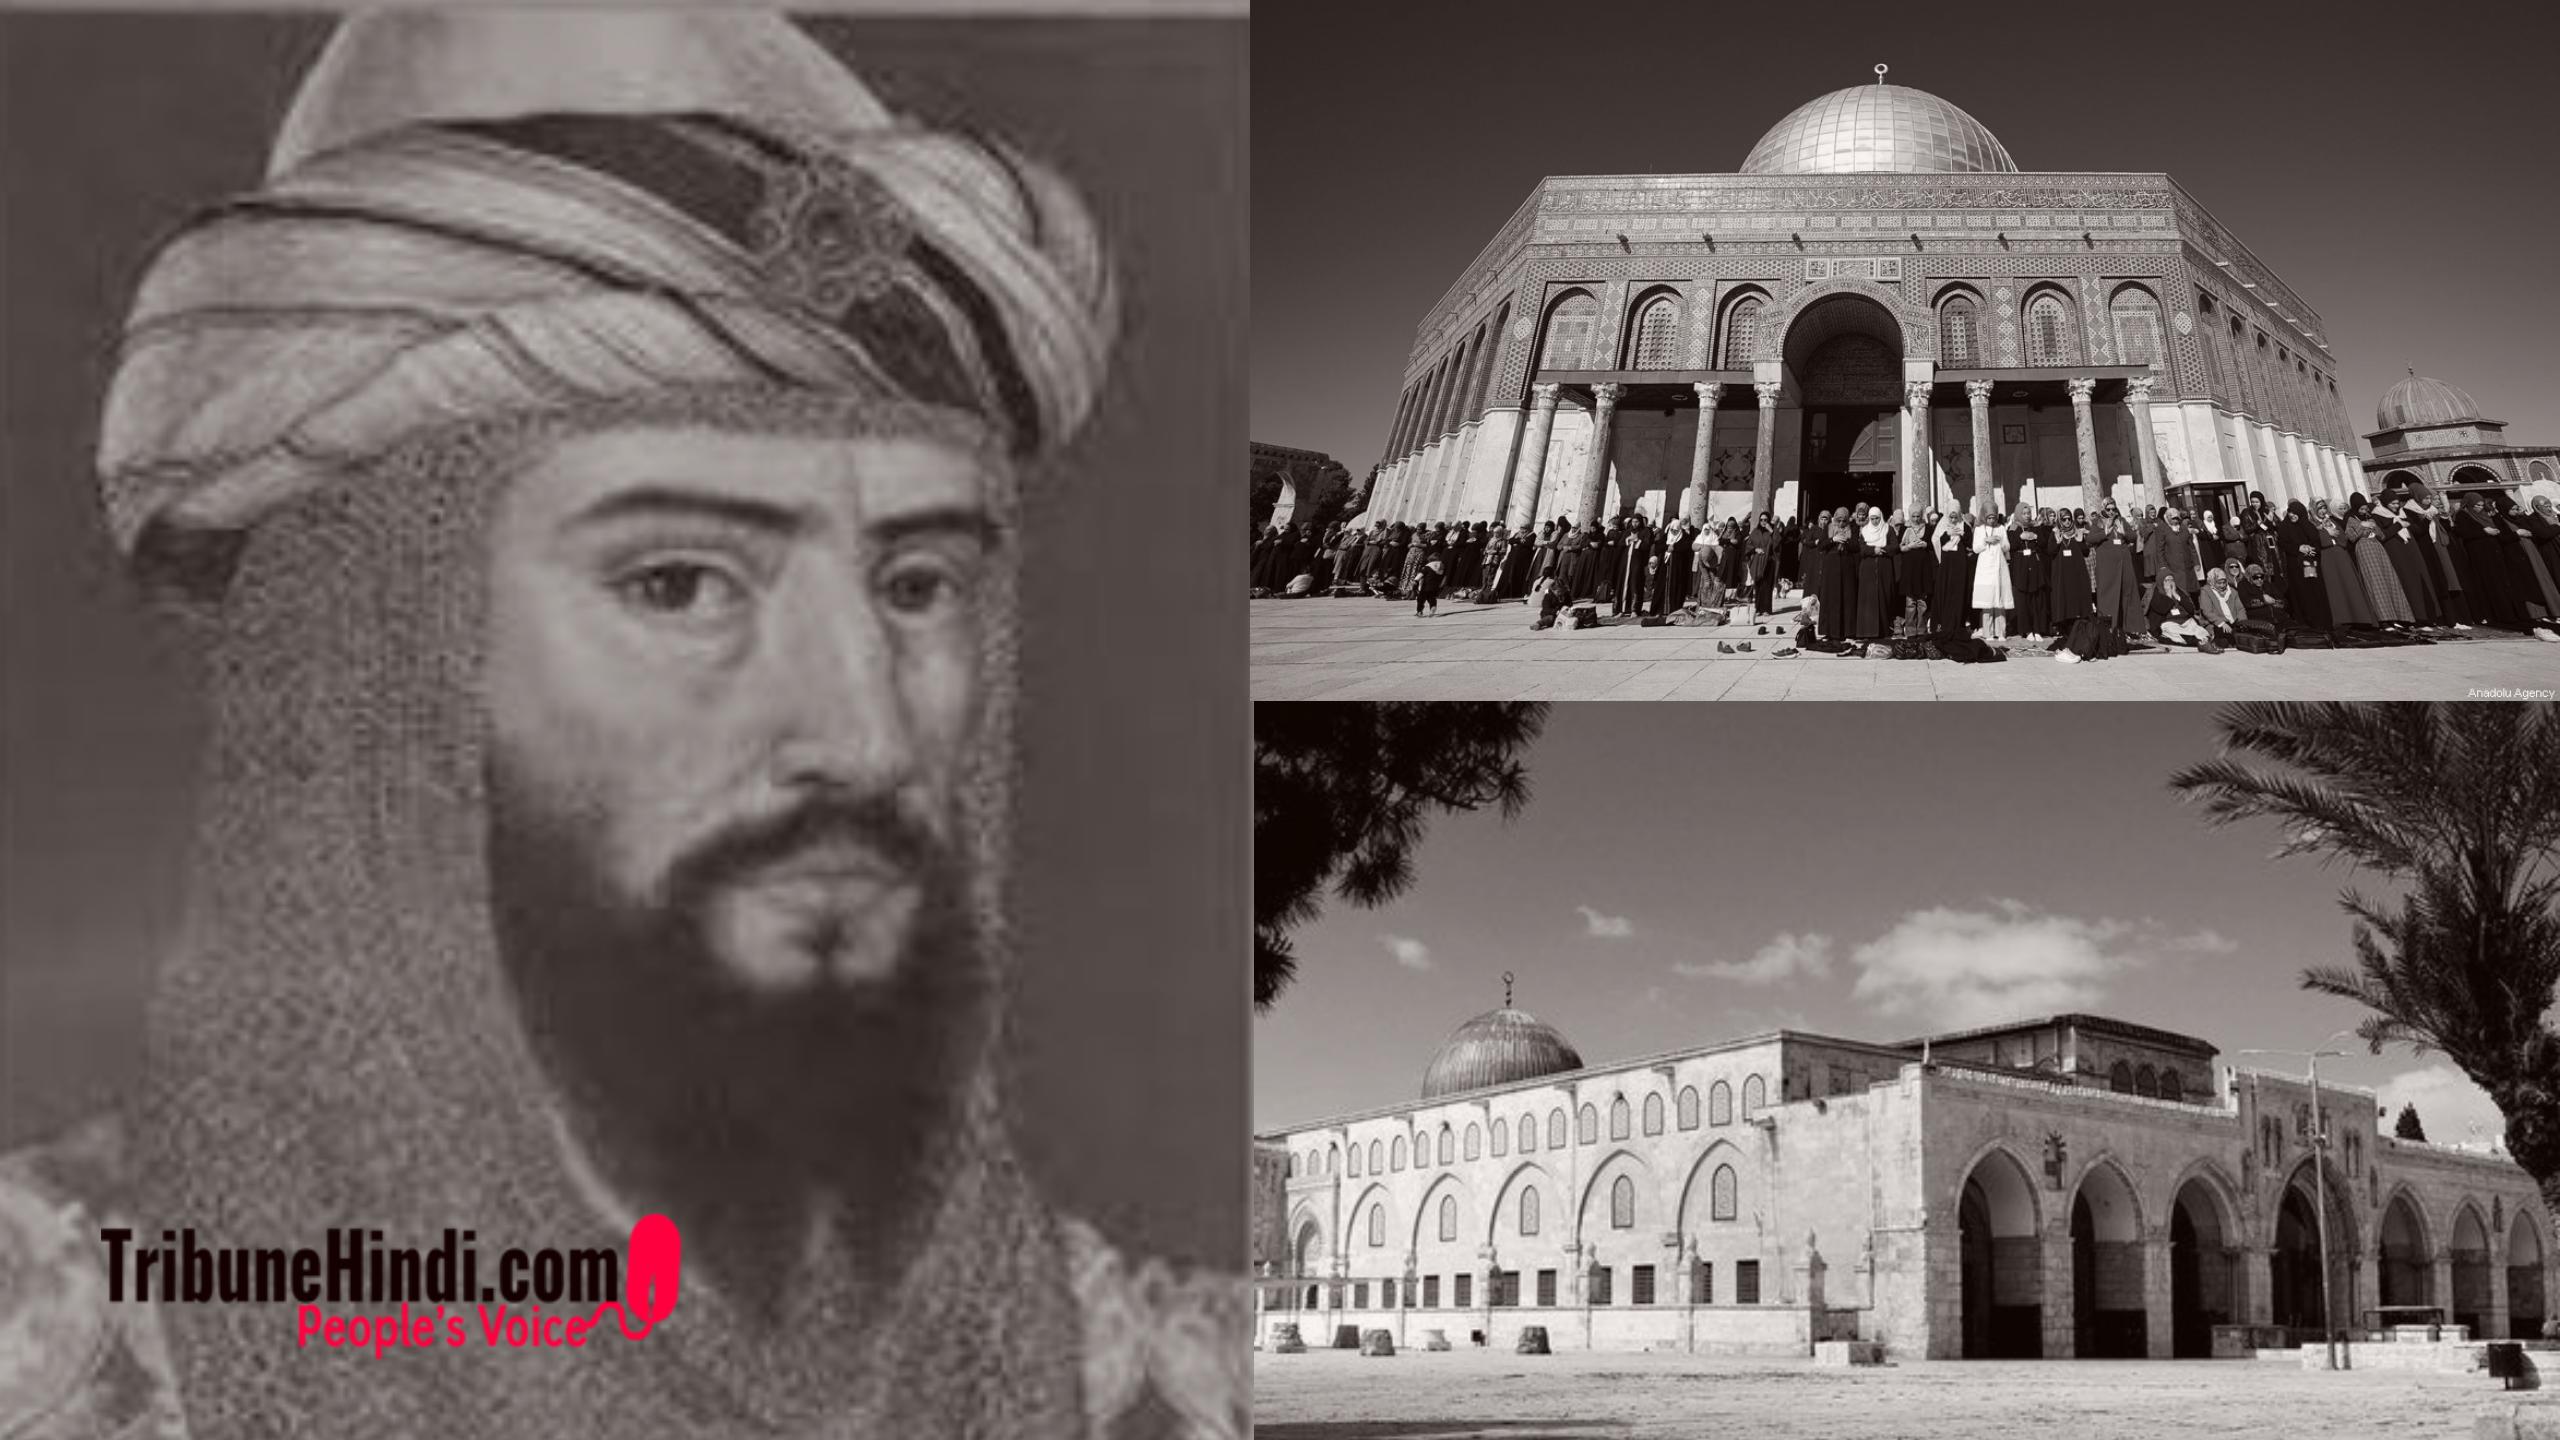 सलाहुद्दीन अय्यूबी – यूरोप की संयुक्त फौज को हराने वाला सुल्तान